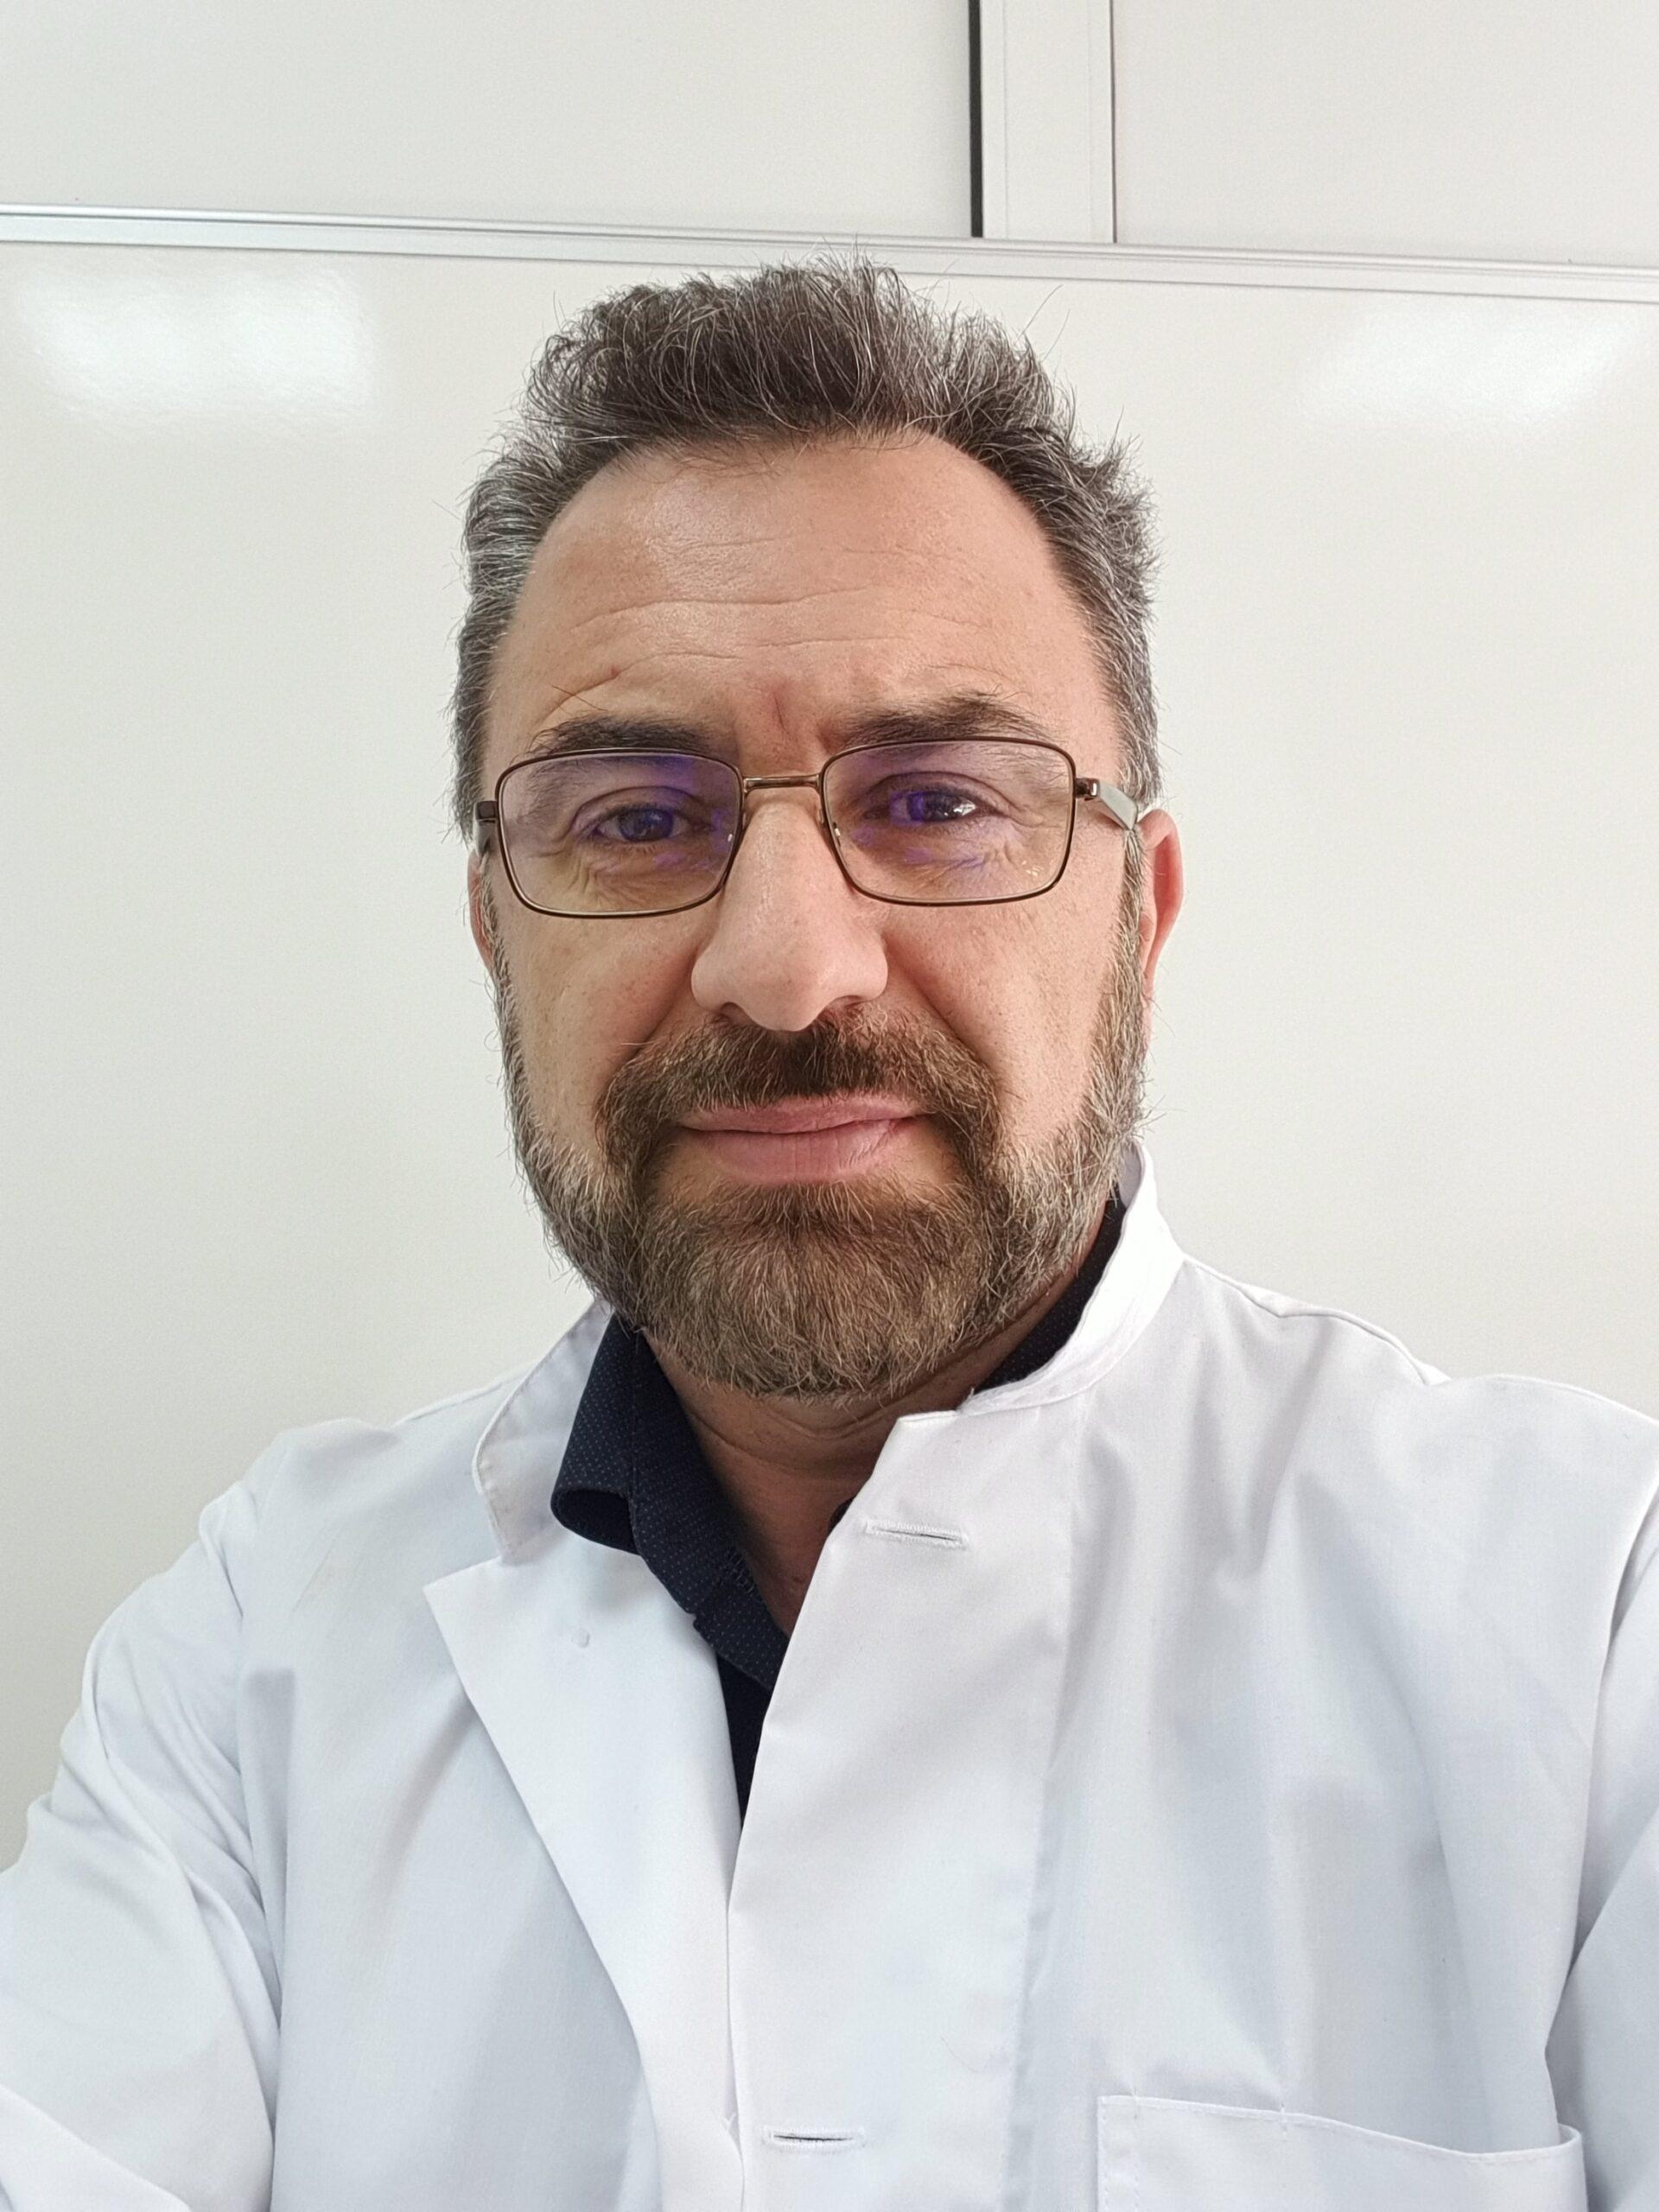 Ο κ. Νικόλαος Σπανάκης, Αναπληρωτής Καθηγητής του Πανεπιστημίου Αθηνών και Υπεύθυνος του Εργαστηρίου Μοριακής Βιολογίας του Ομίλου HHG